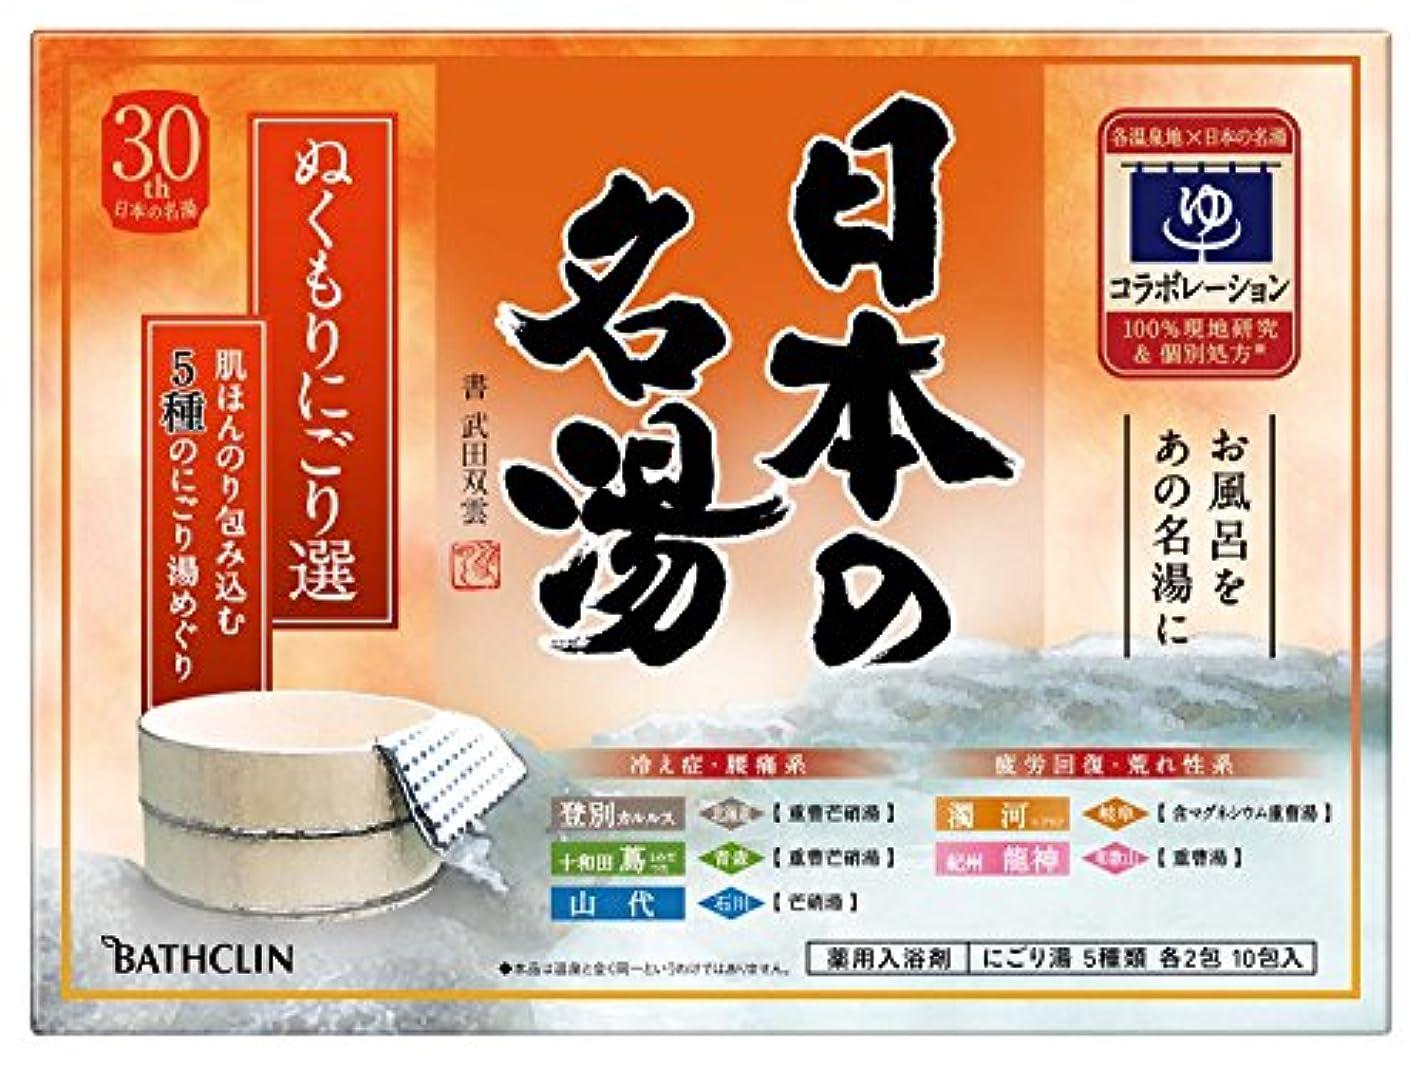 スラックオンス引き出す日本の名湯 ぬくもりにごり選 30g 10包入り 入浴剤 (医薬部外品)